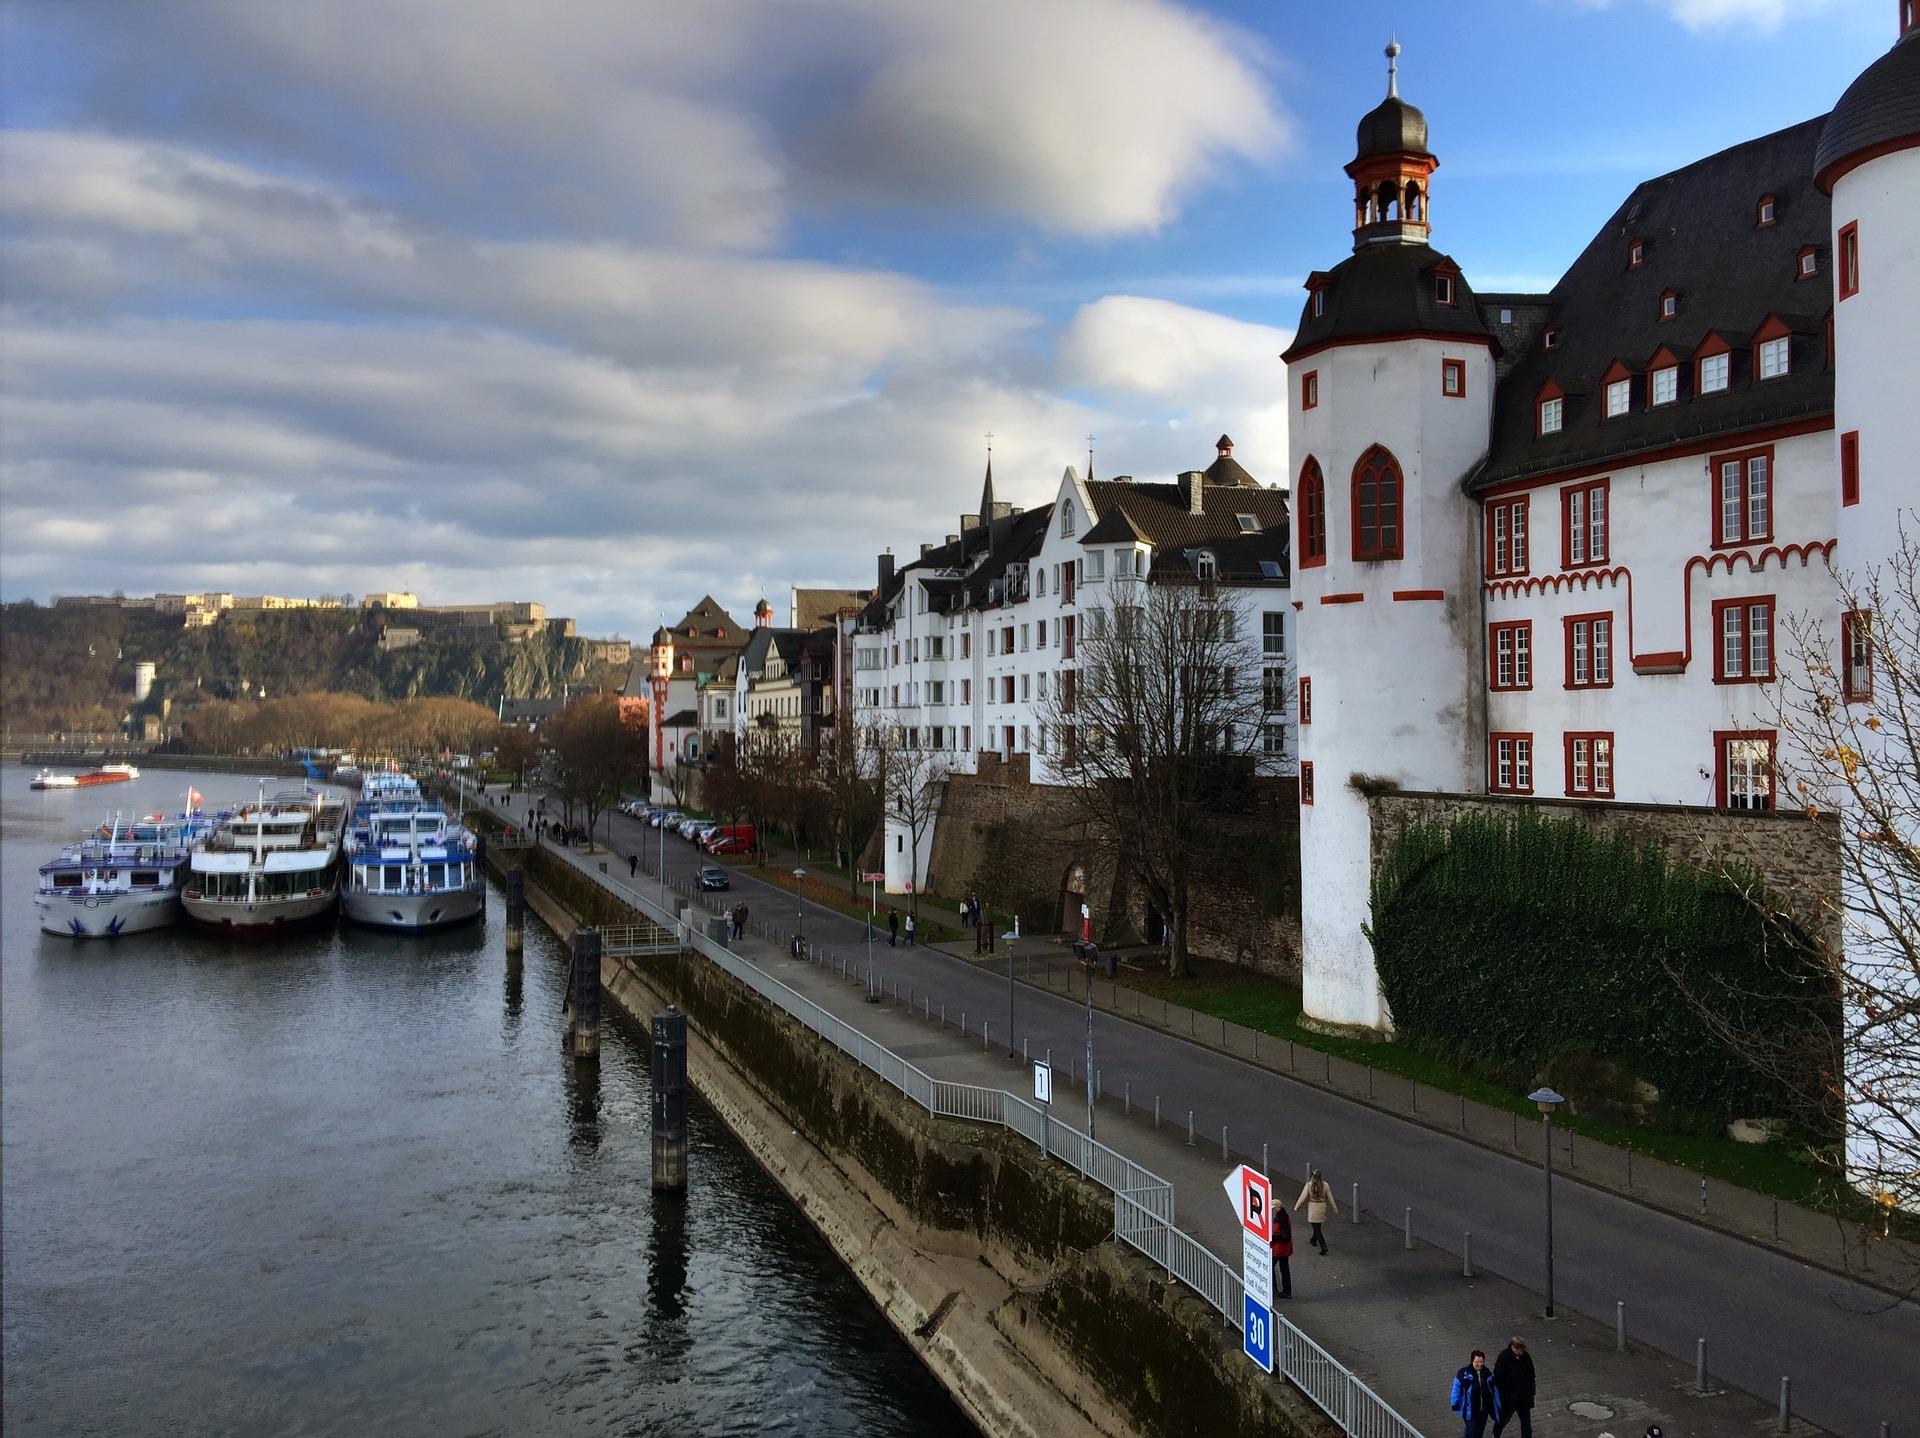 Immobilienmakler Koblenz Und Umgebung : ausflugsziele in koblenz und umgebung ferienwohnung vogt in mertloch auf dem maifeld ~ Sanjose-hotels-ca.com Haus und Dekorationen